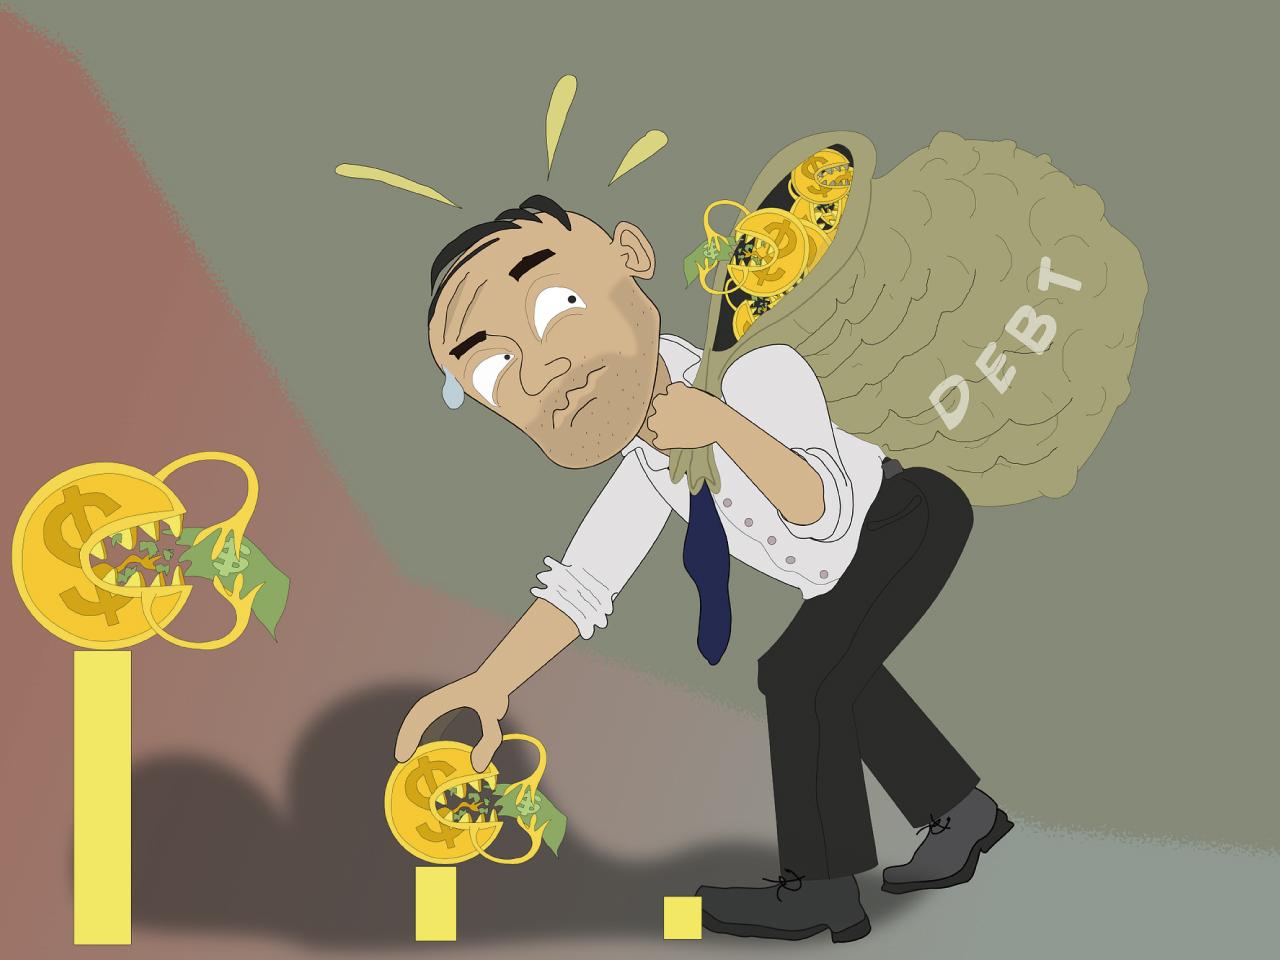 借金を背負う人